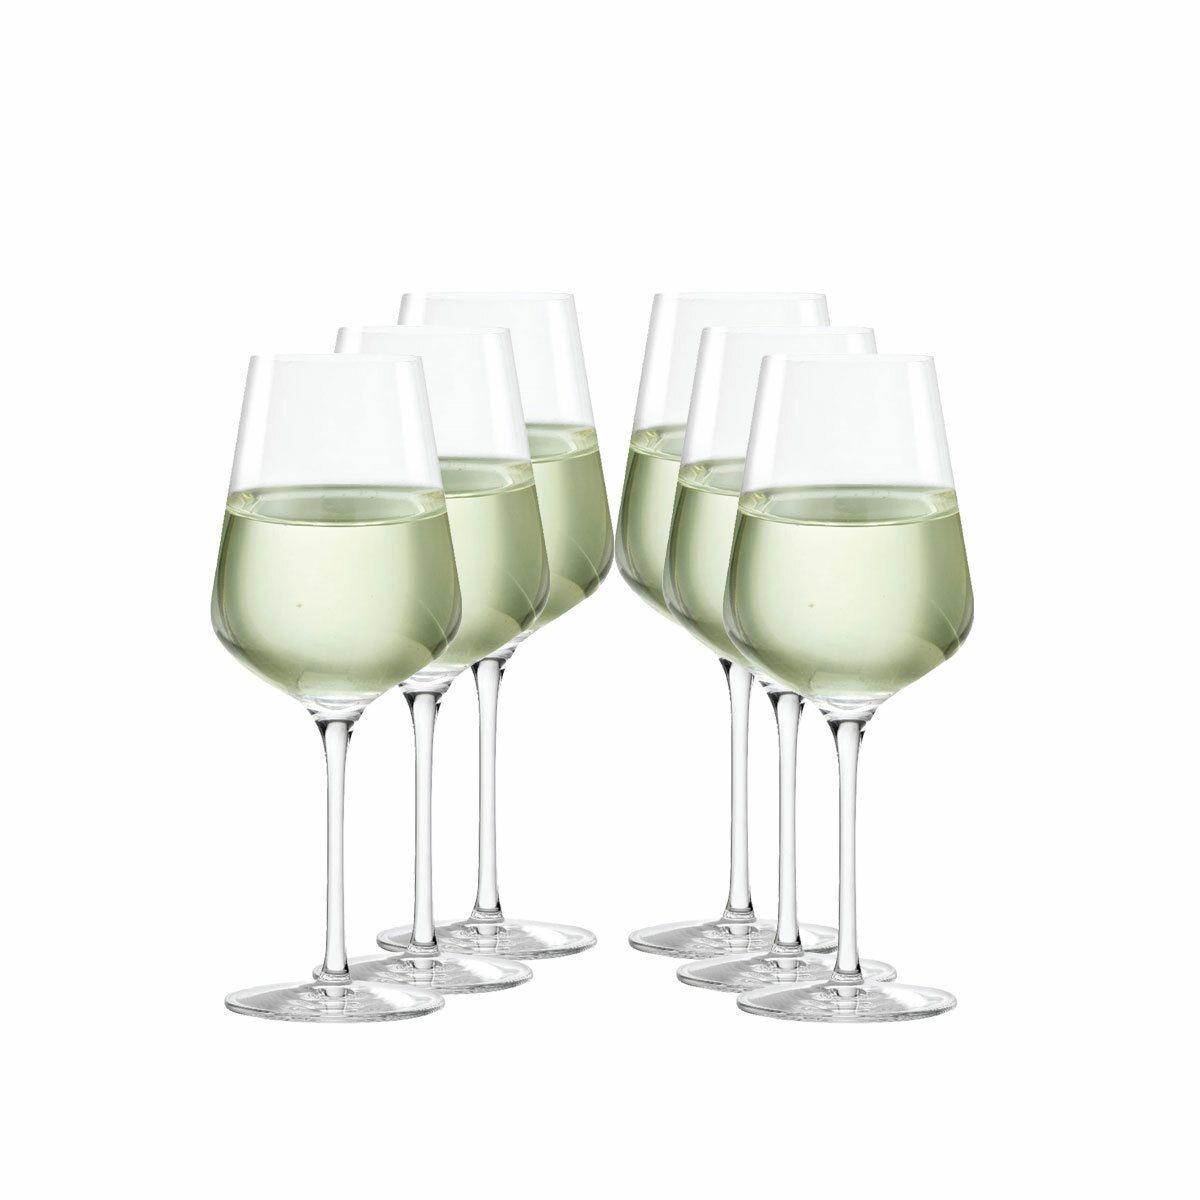 Jogo de Taças Vinho Tinto Passion Cristal 390ml 6 Pcs